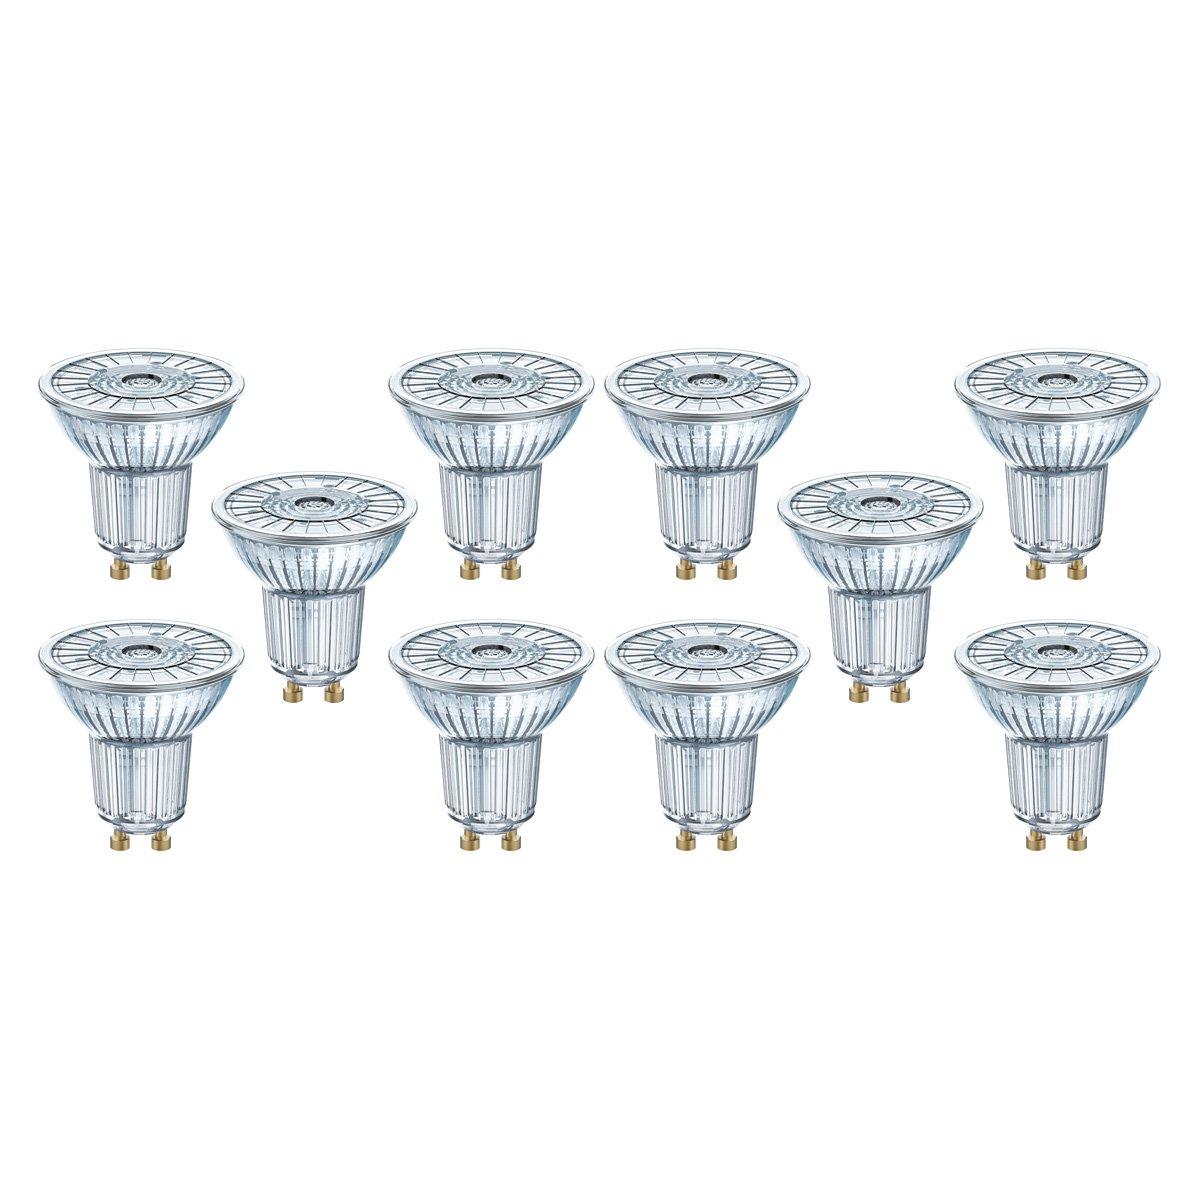 10x OSRAM PARATHOM P PAR 16 35 36° 4.5 W//3000K GU10 DIM LED Spots NEU//OVP